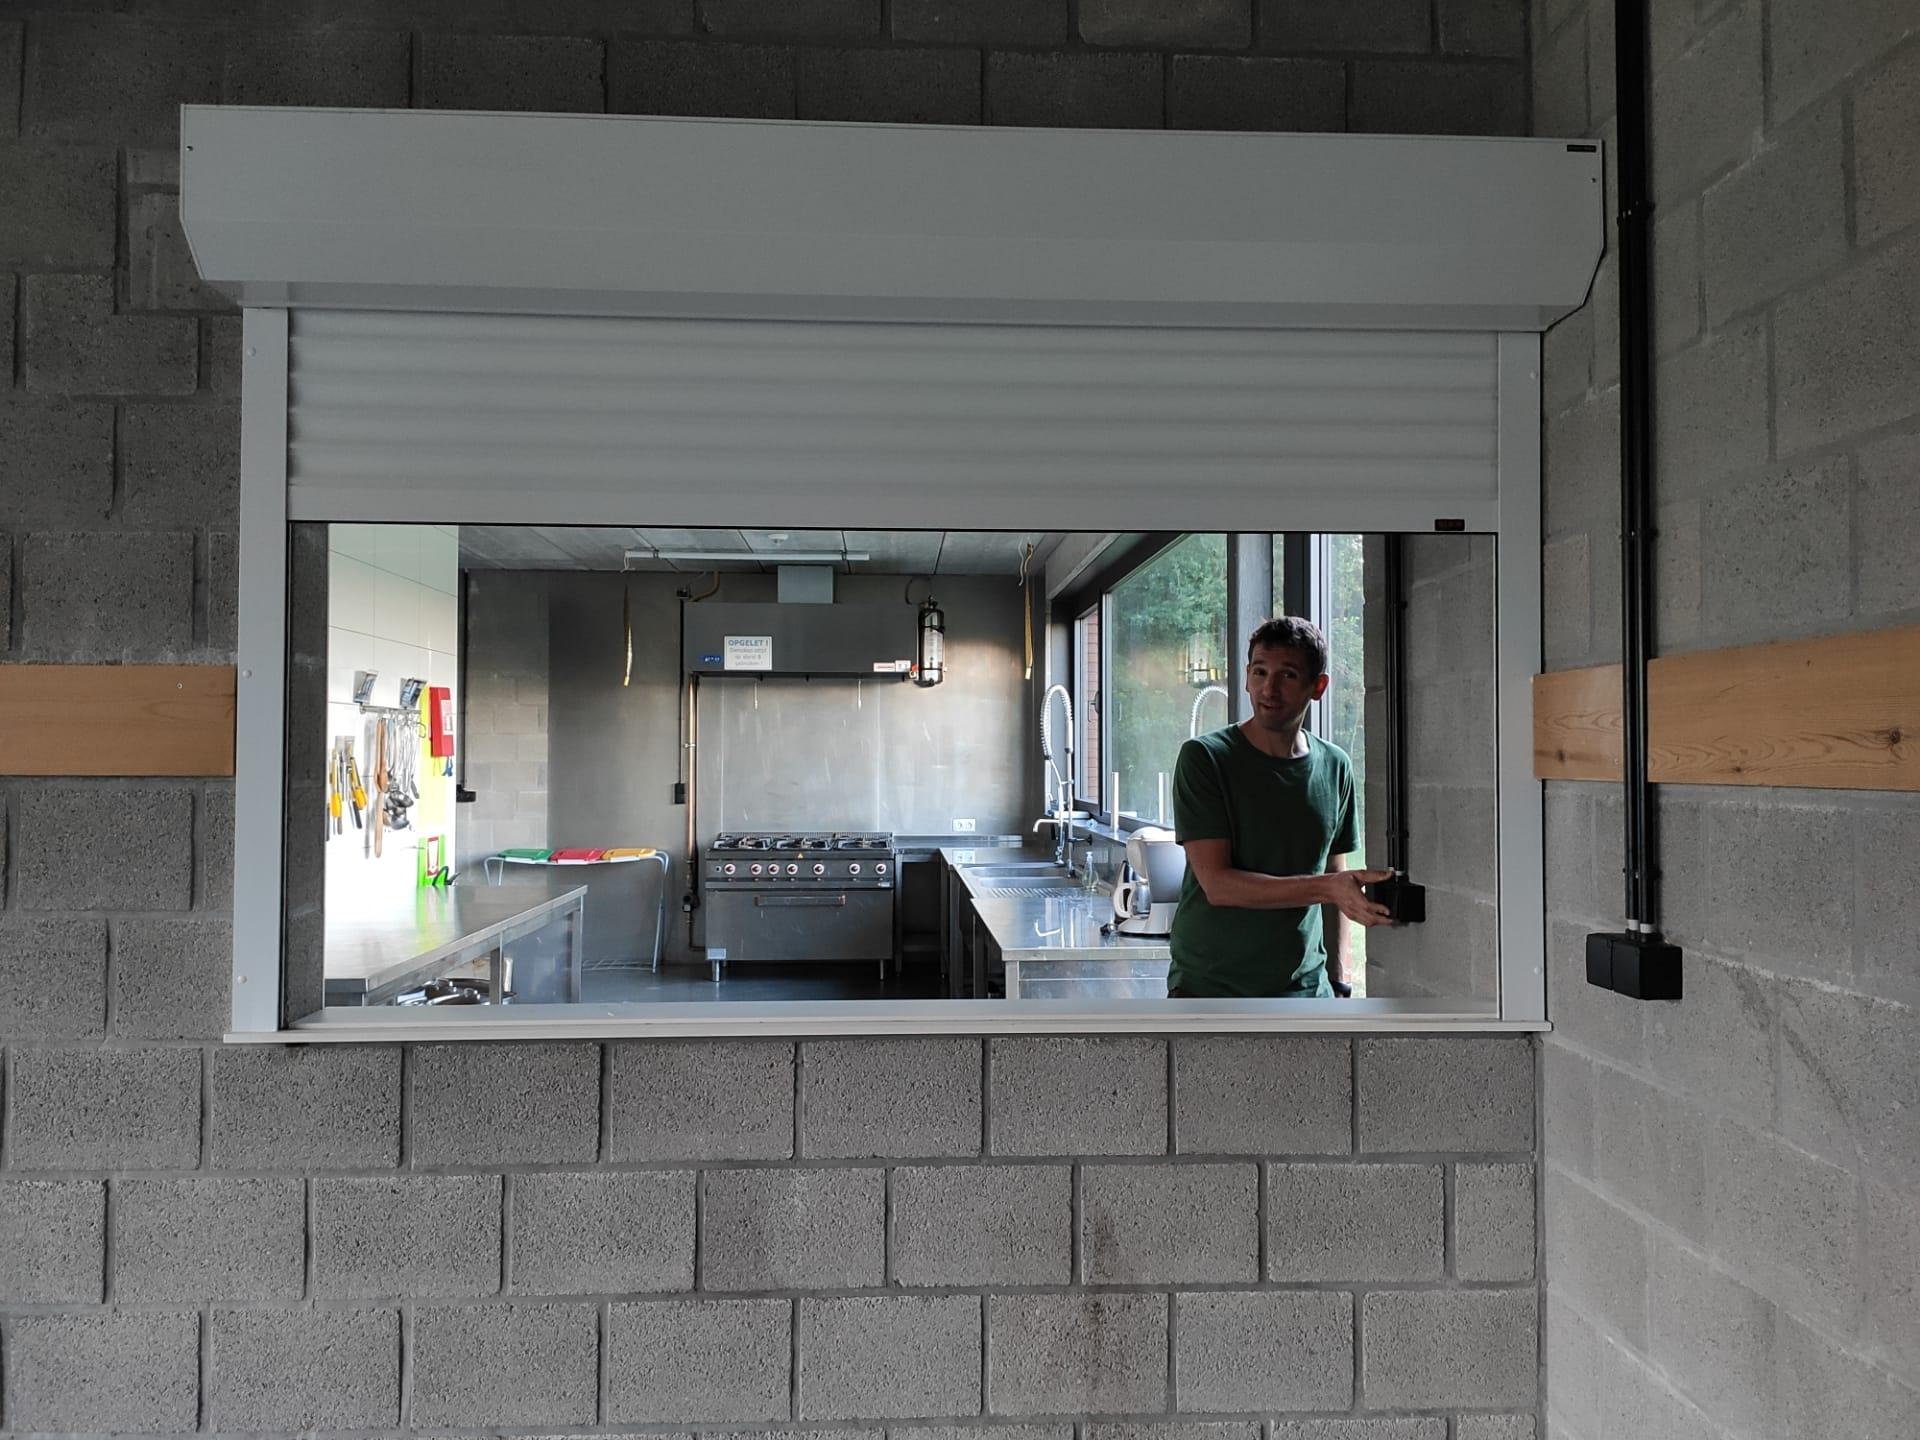 elektrisch doorgeefluik keuken-open